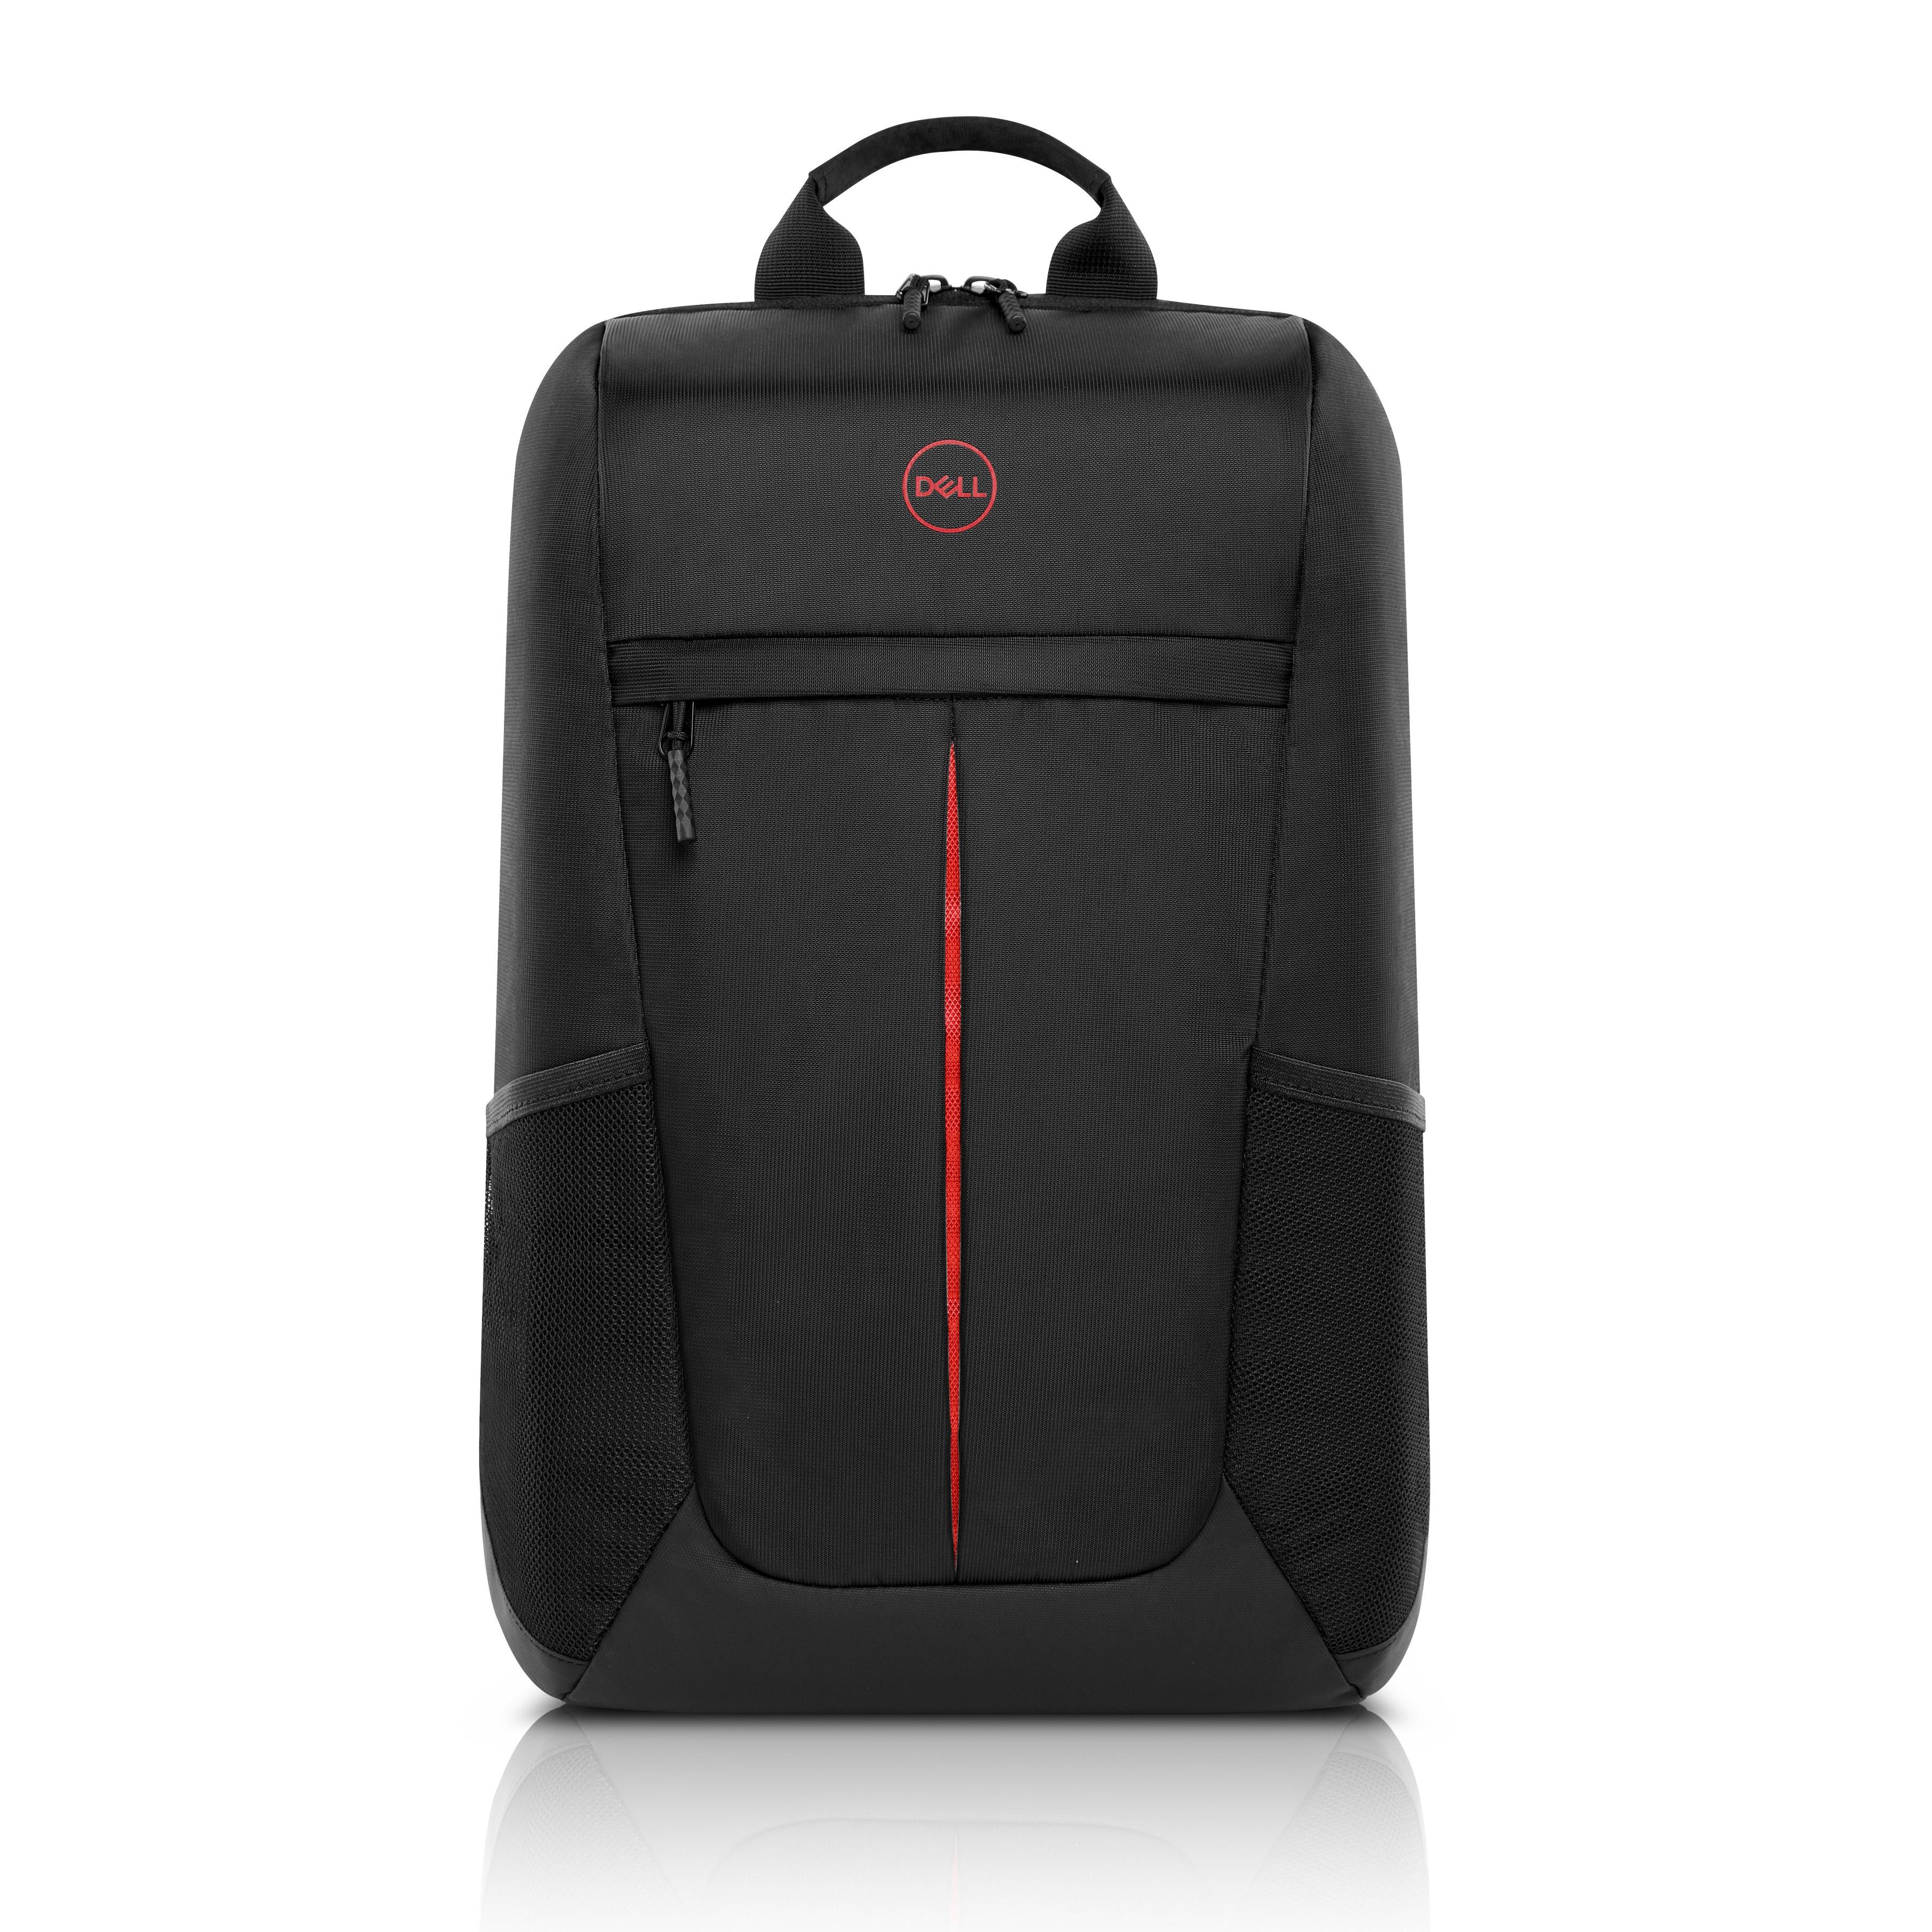 Plecaki dla gracza